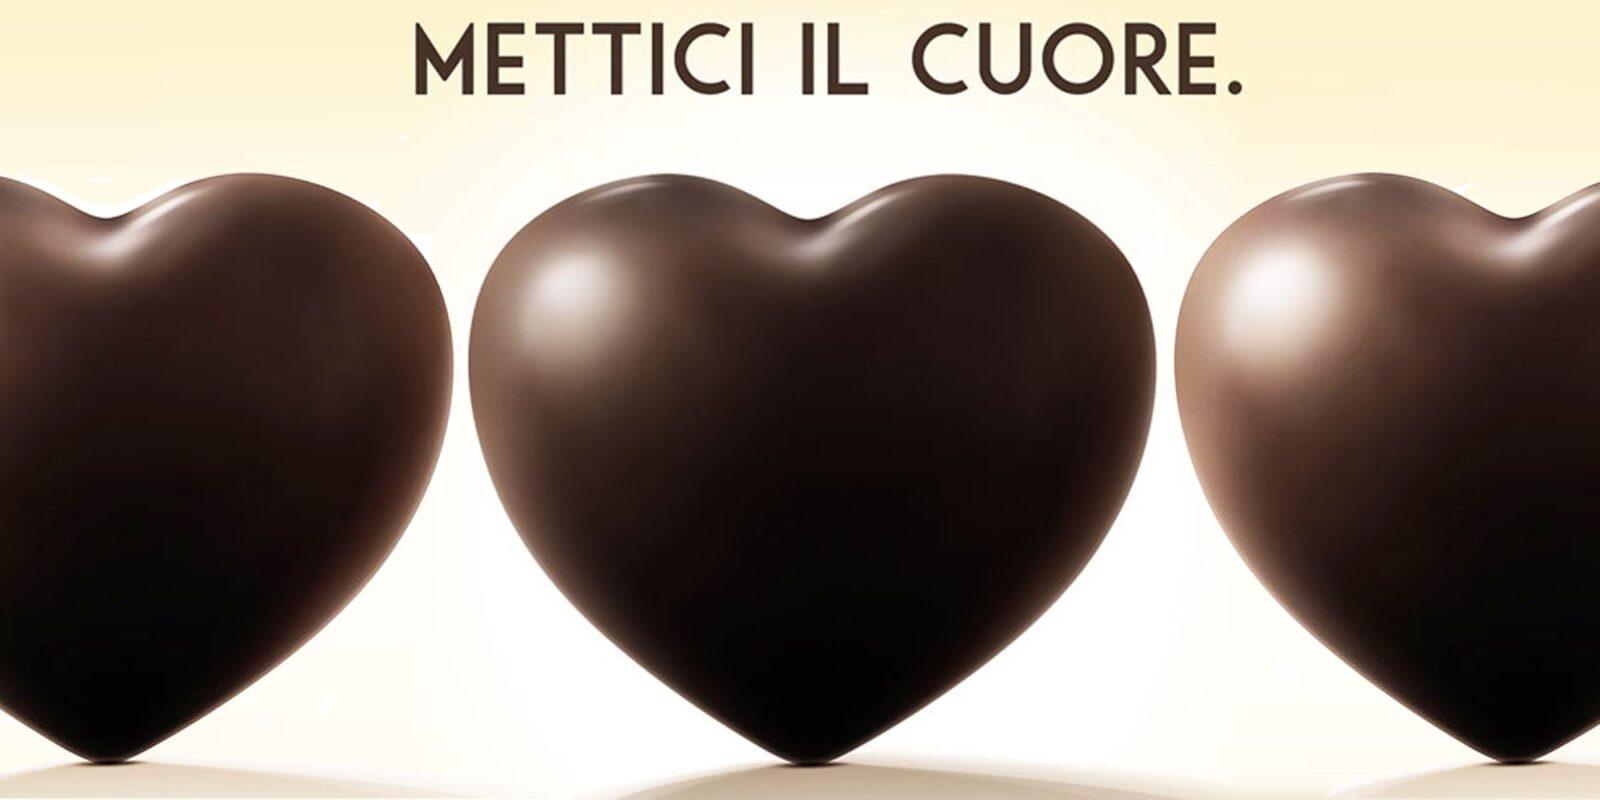 cuori di cioccolato telethon